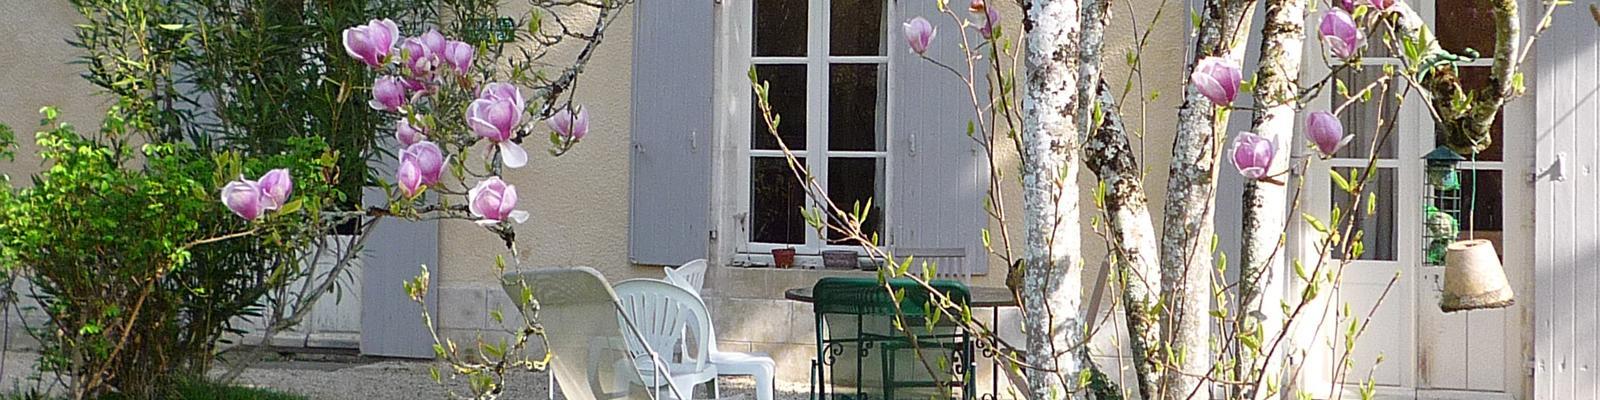 Chambre d'hôtes Deux-Sèvres